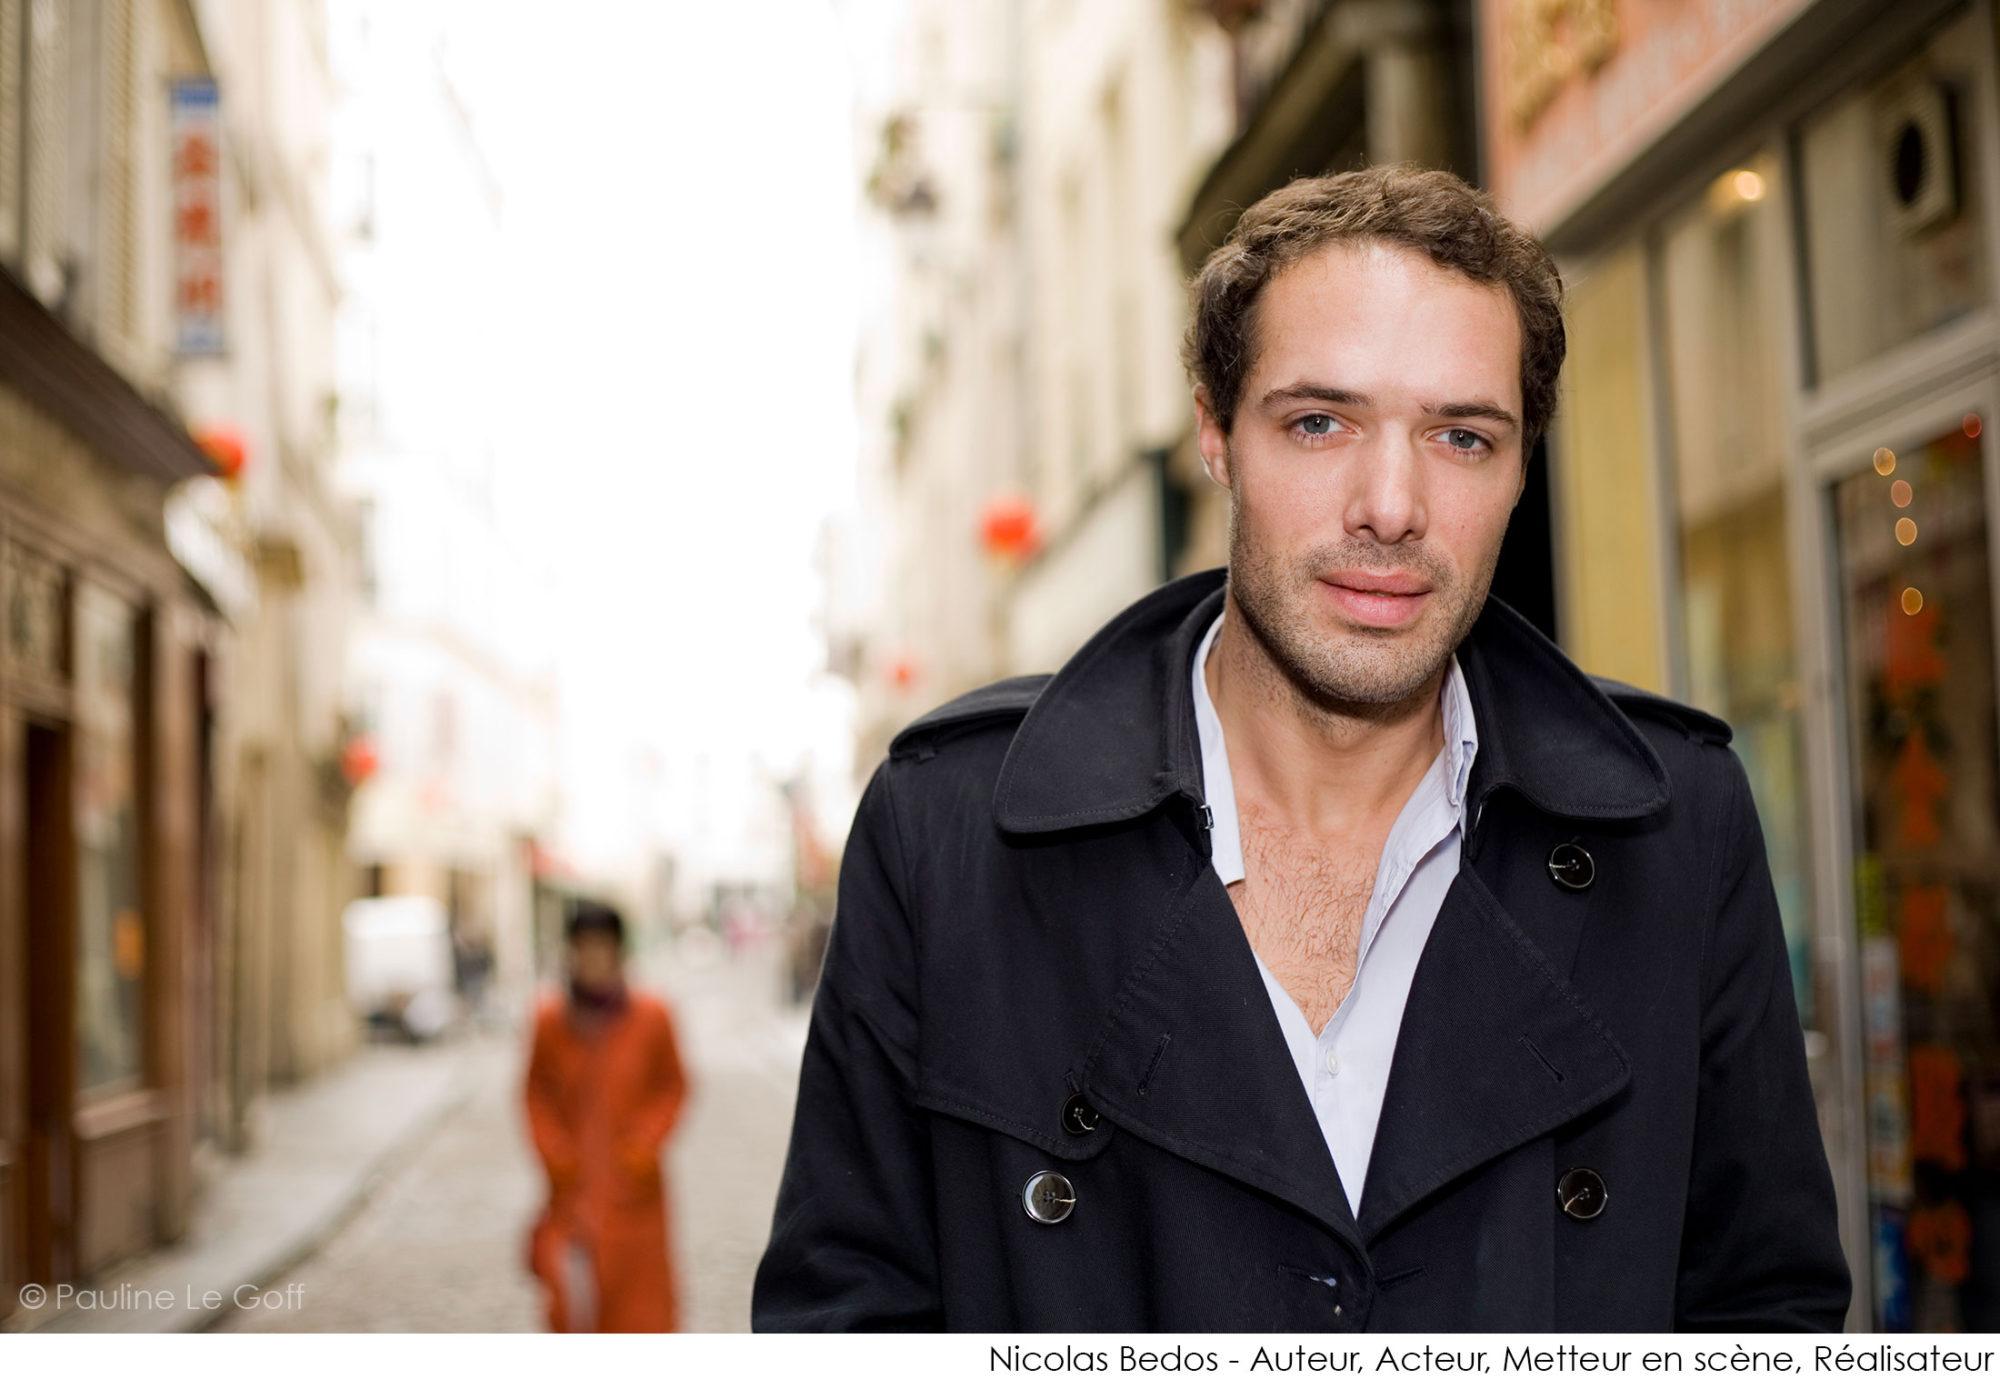 Nicolas Bedos © Pauline Le Goff